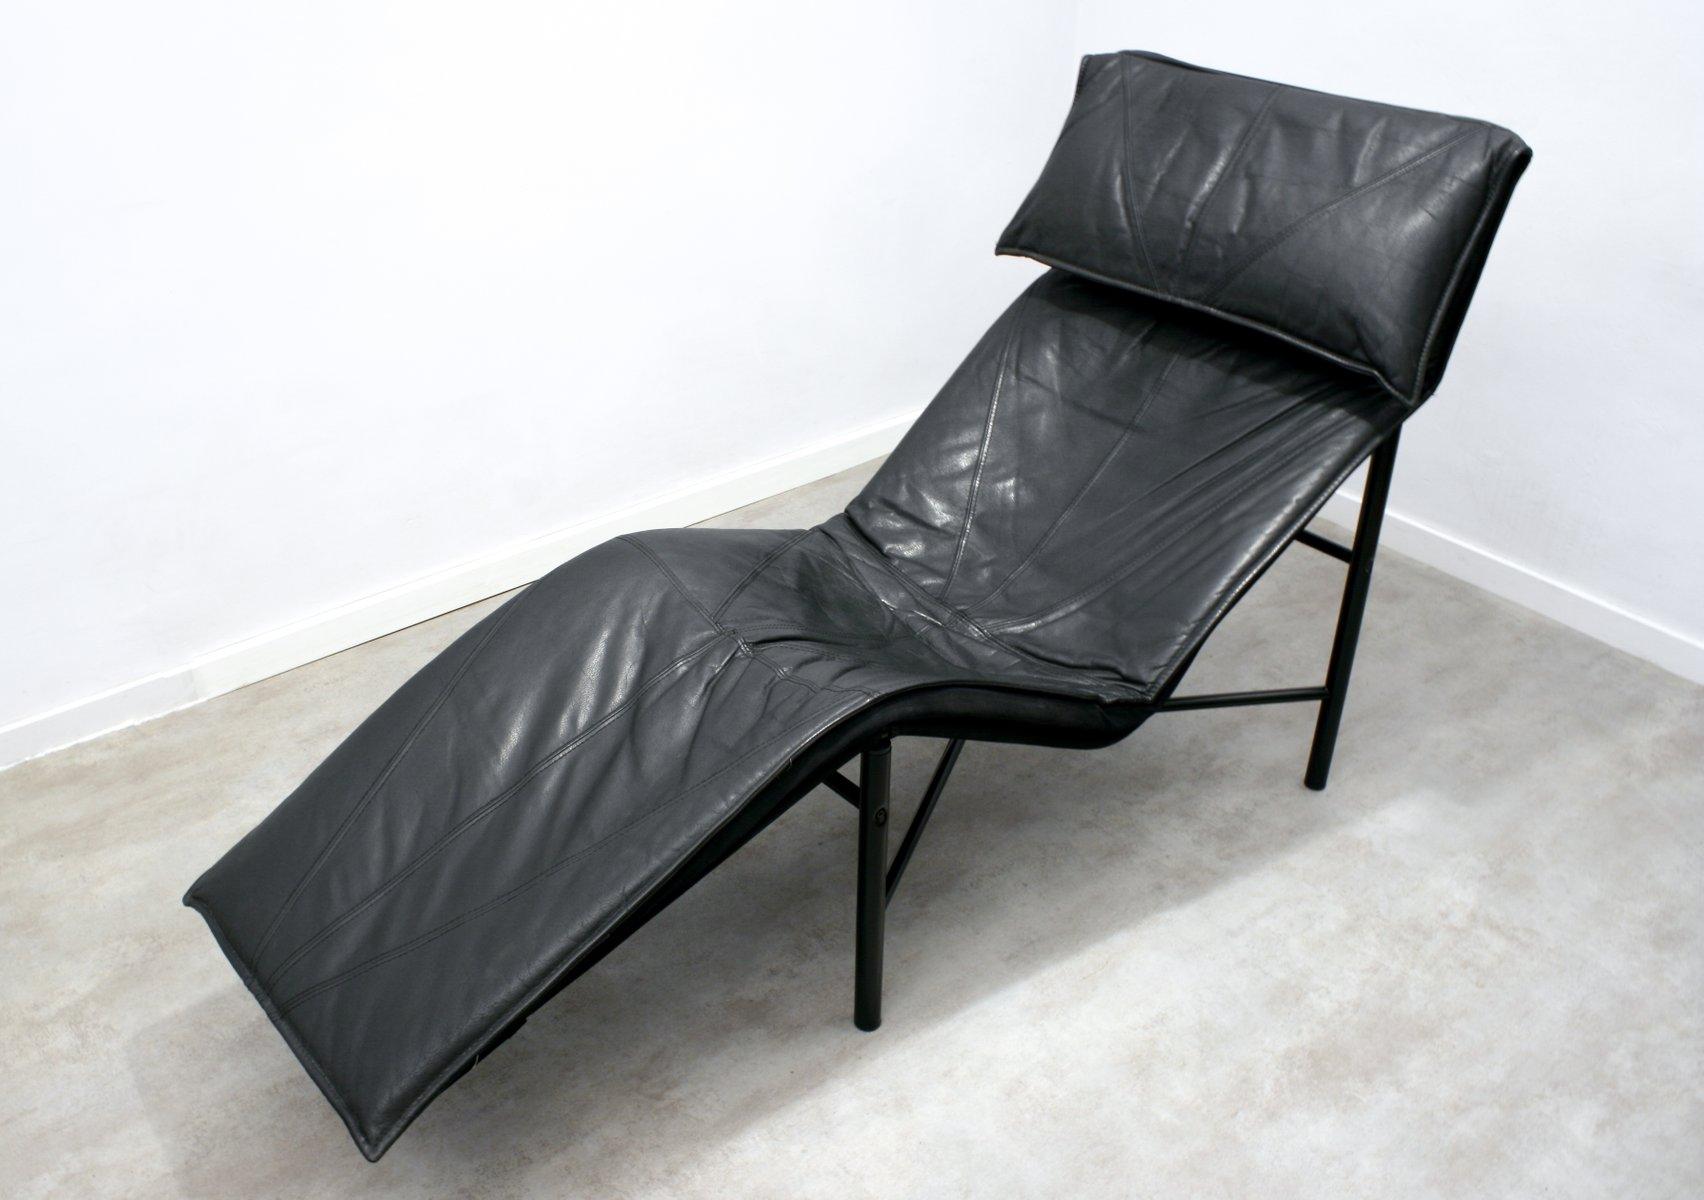 Chaise longue skye en cuir noir par tord bj rklund pour ikea 1980s en vente sur pamono - Chaise longue en anglais ...